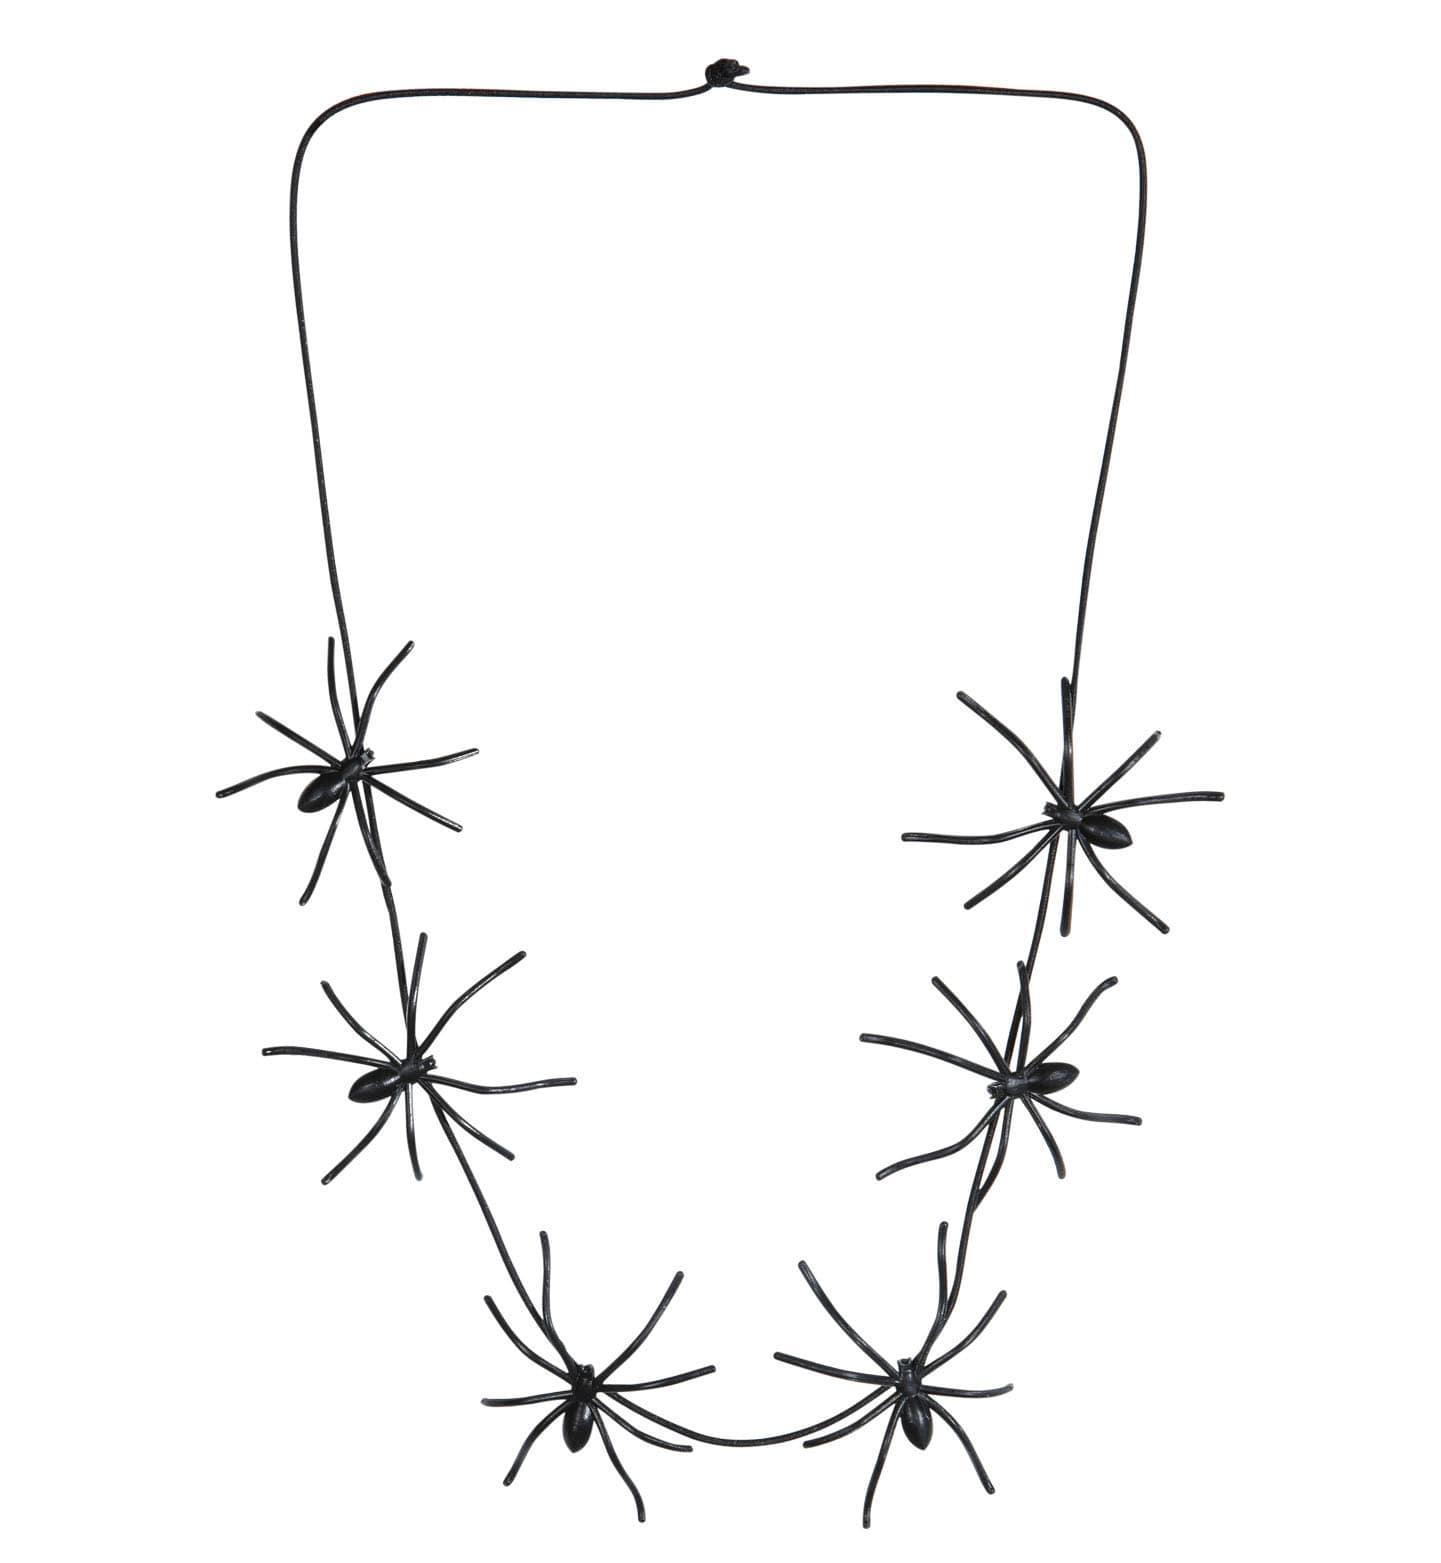 Ketting Spinnen 60 Centimeter